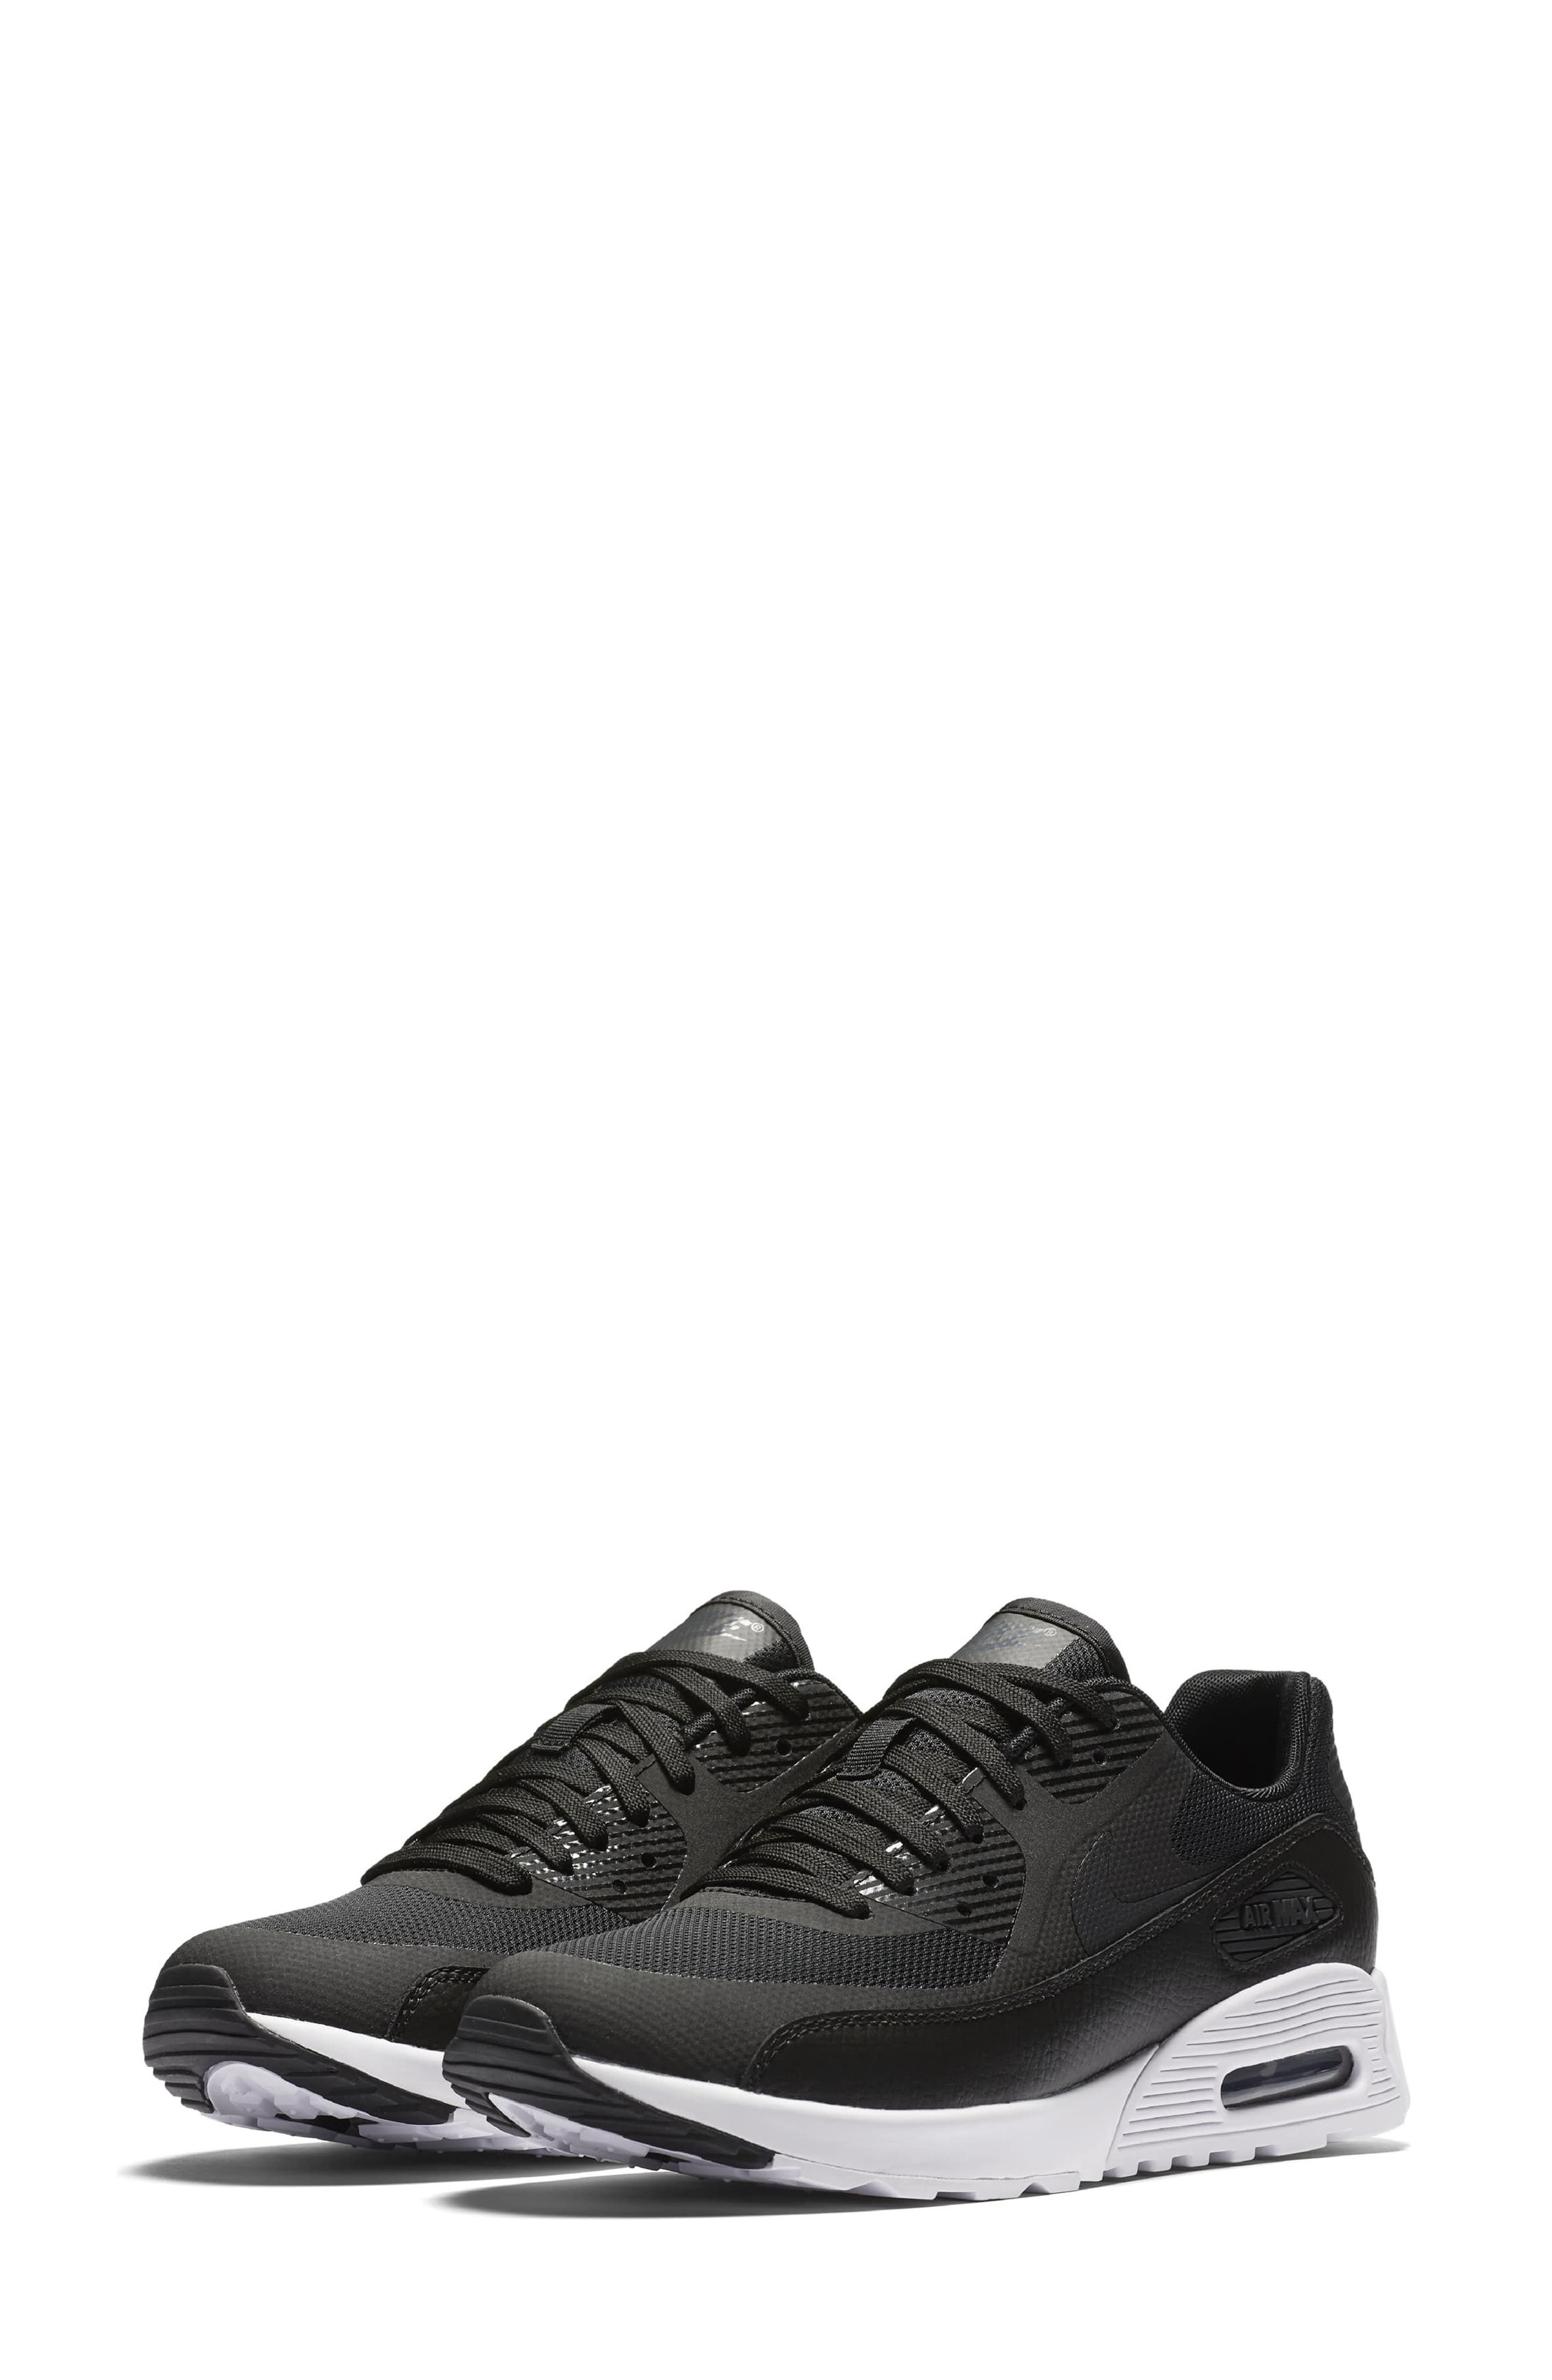 Alternate Image 1 Selected - Nike Air Max 90 Ultra 2.0 Sneaker (Women)